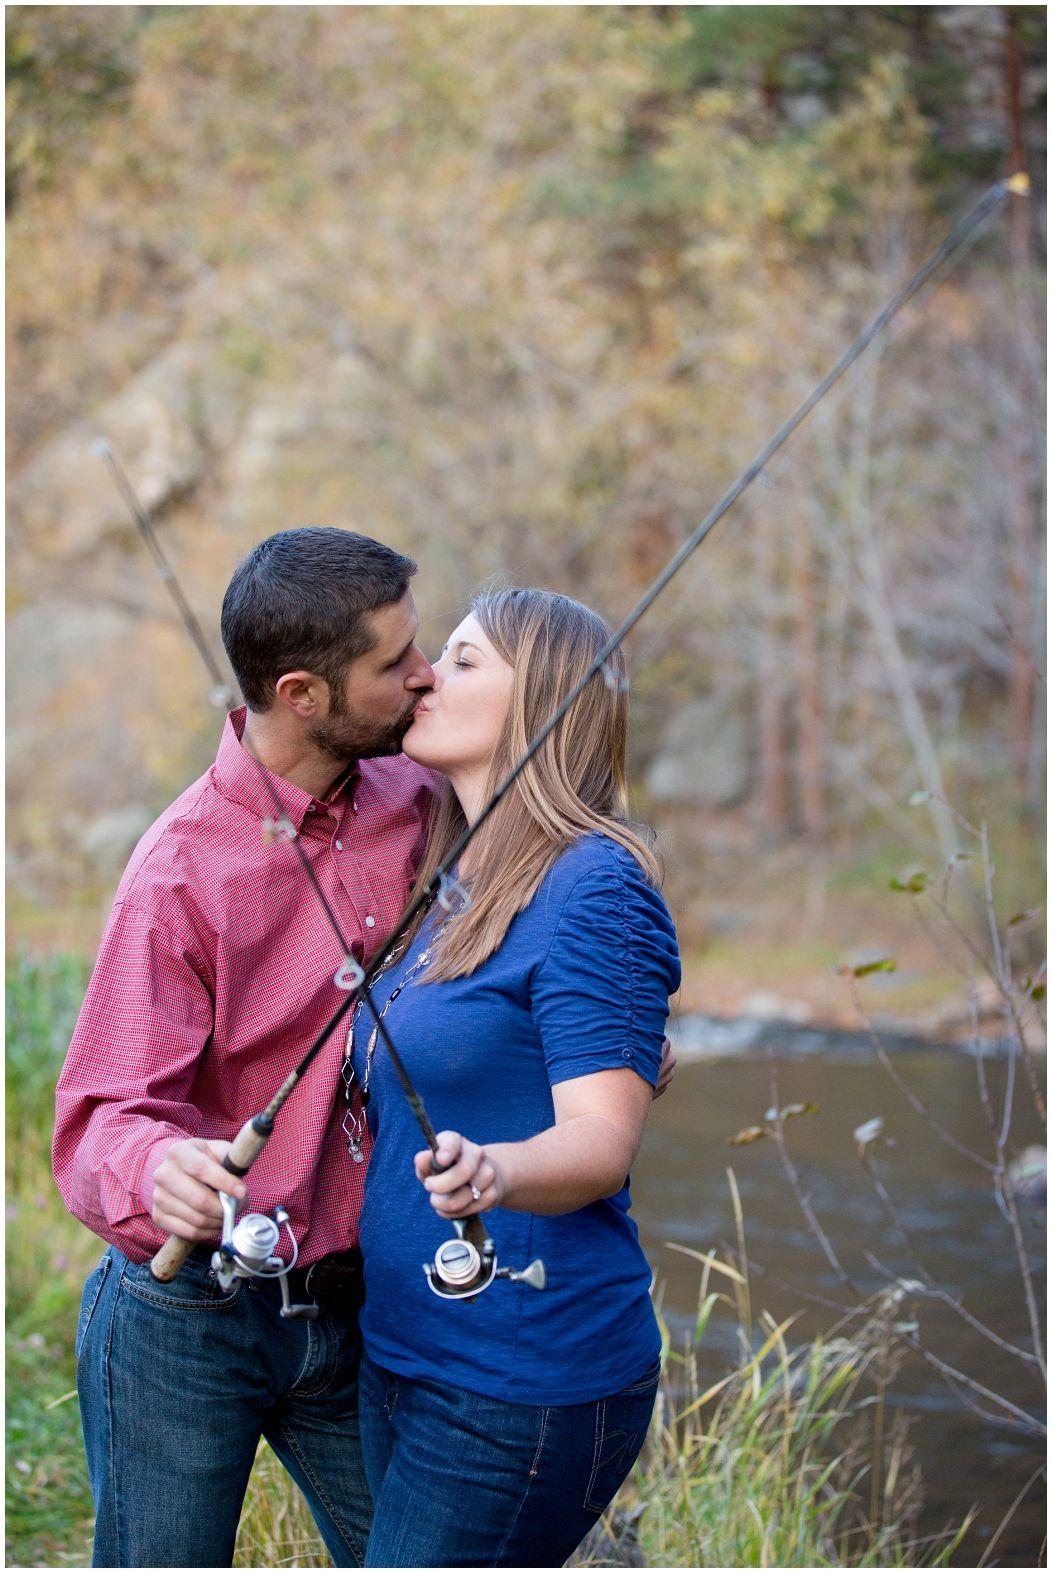 Plum Pretty Photography | Colorado Mountain Engagement Photos | Morrison Photographer | Colorado Engagement Photography | Fishing Engagement Photos